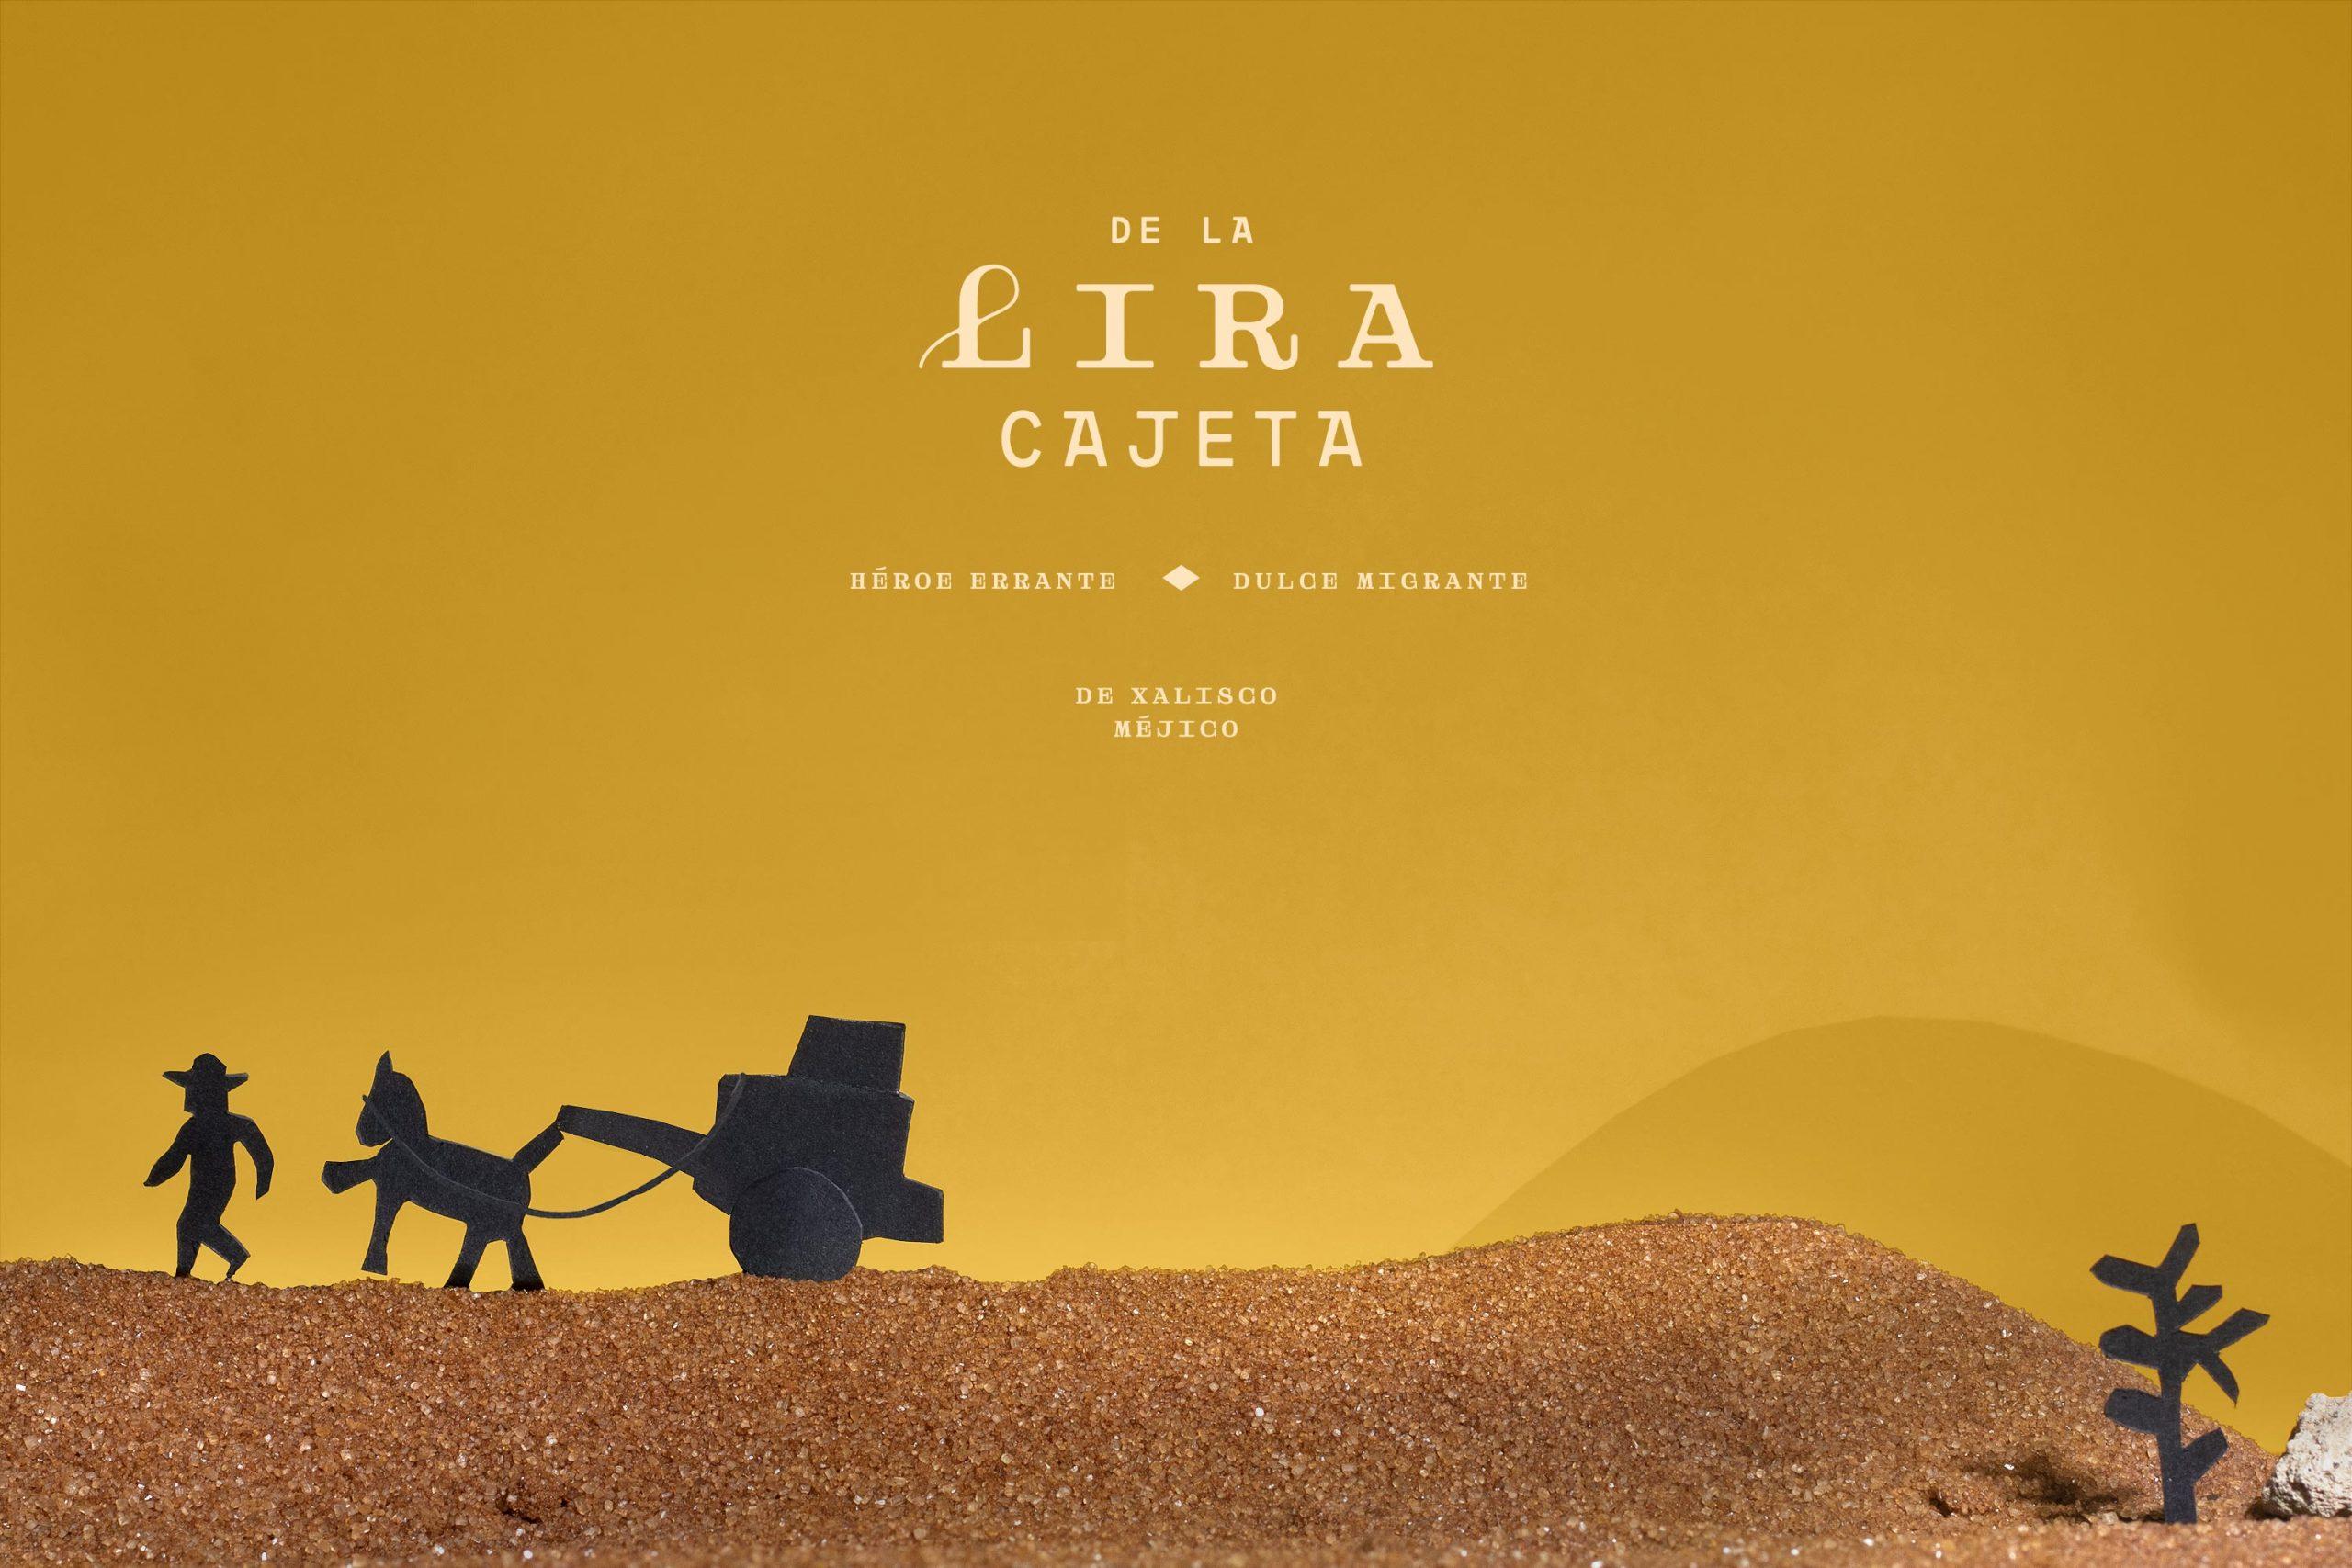 2-DELALIRA-lone-landscape-graphic